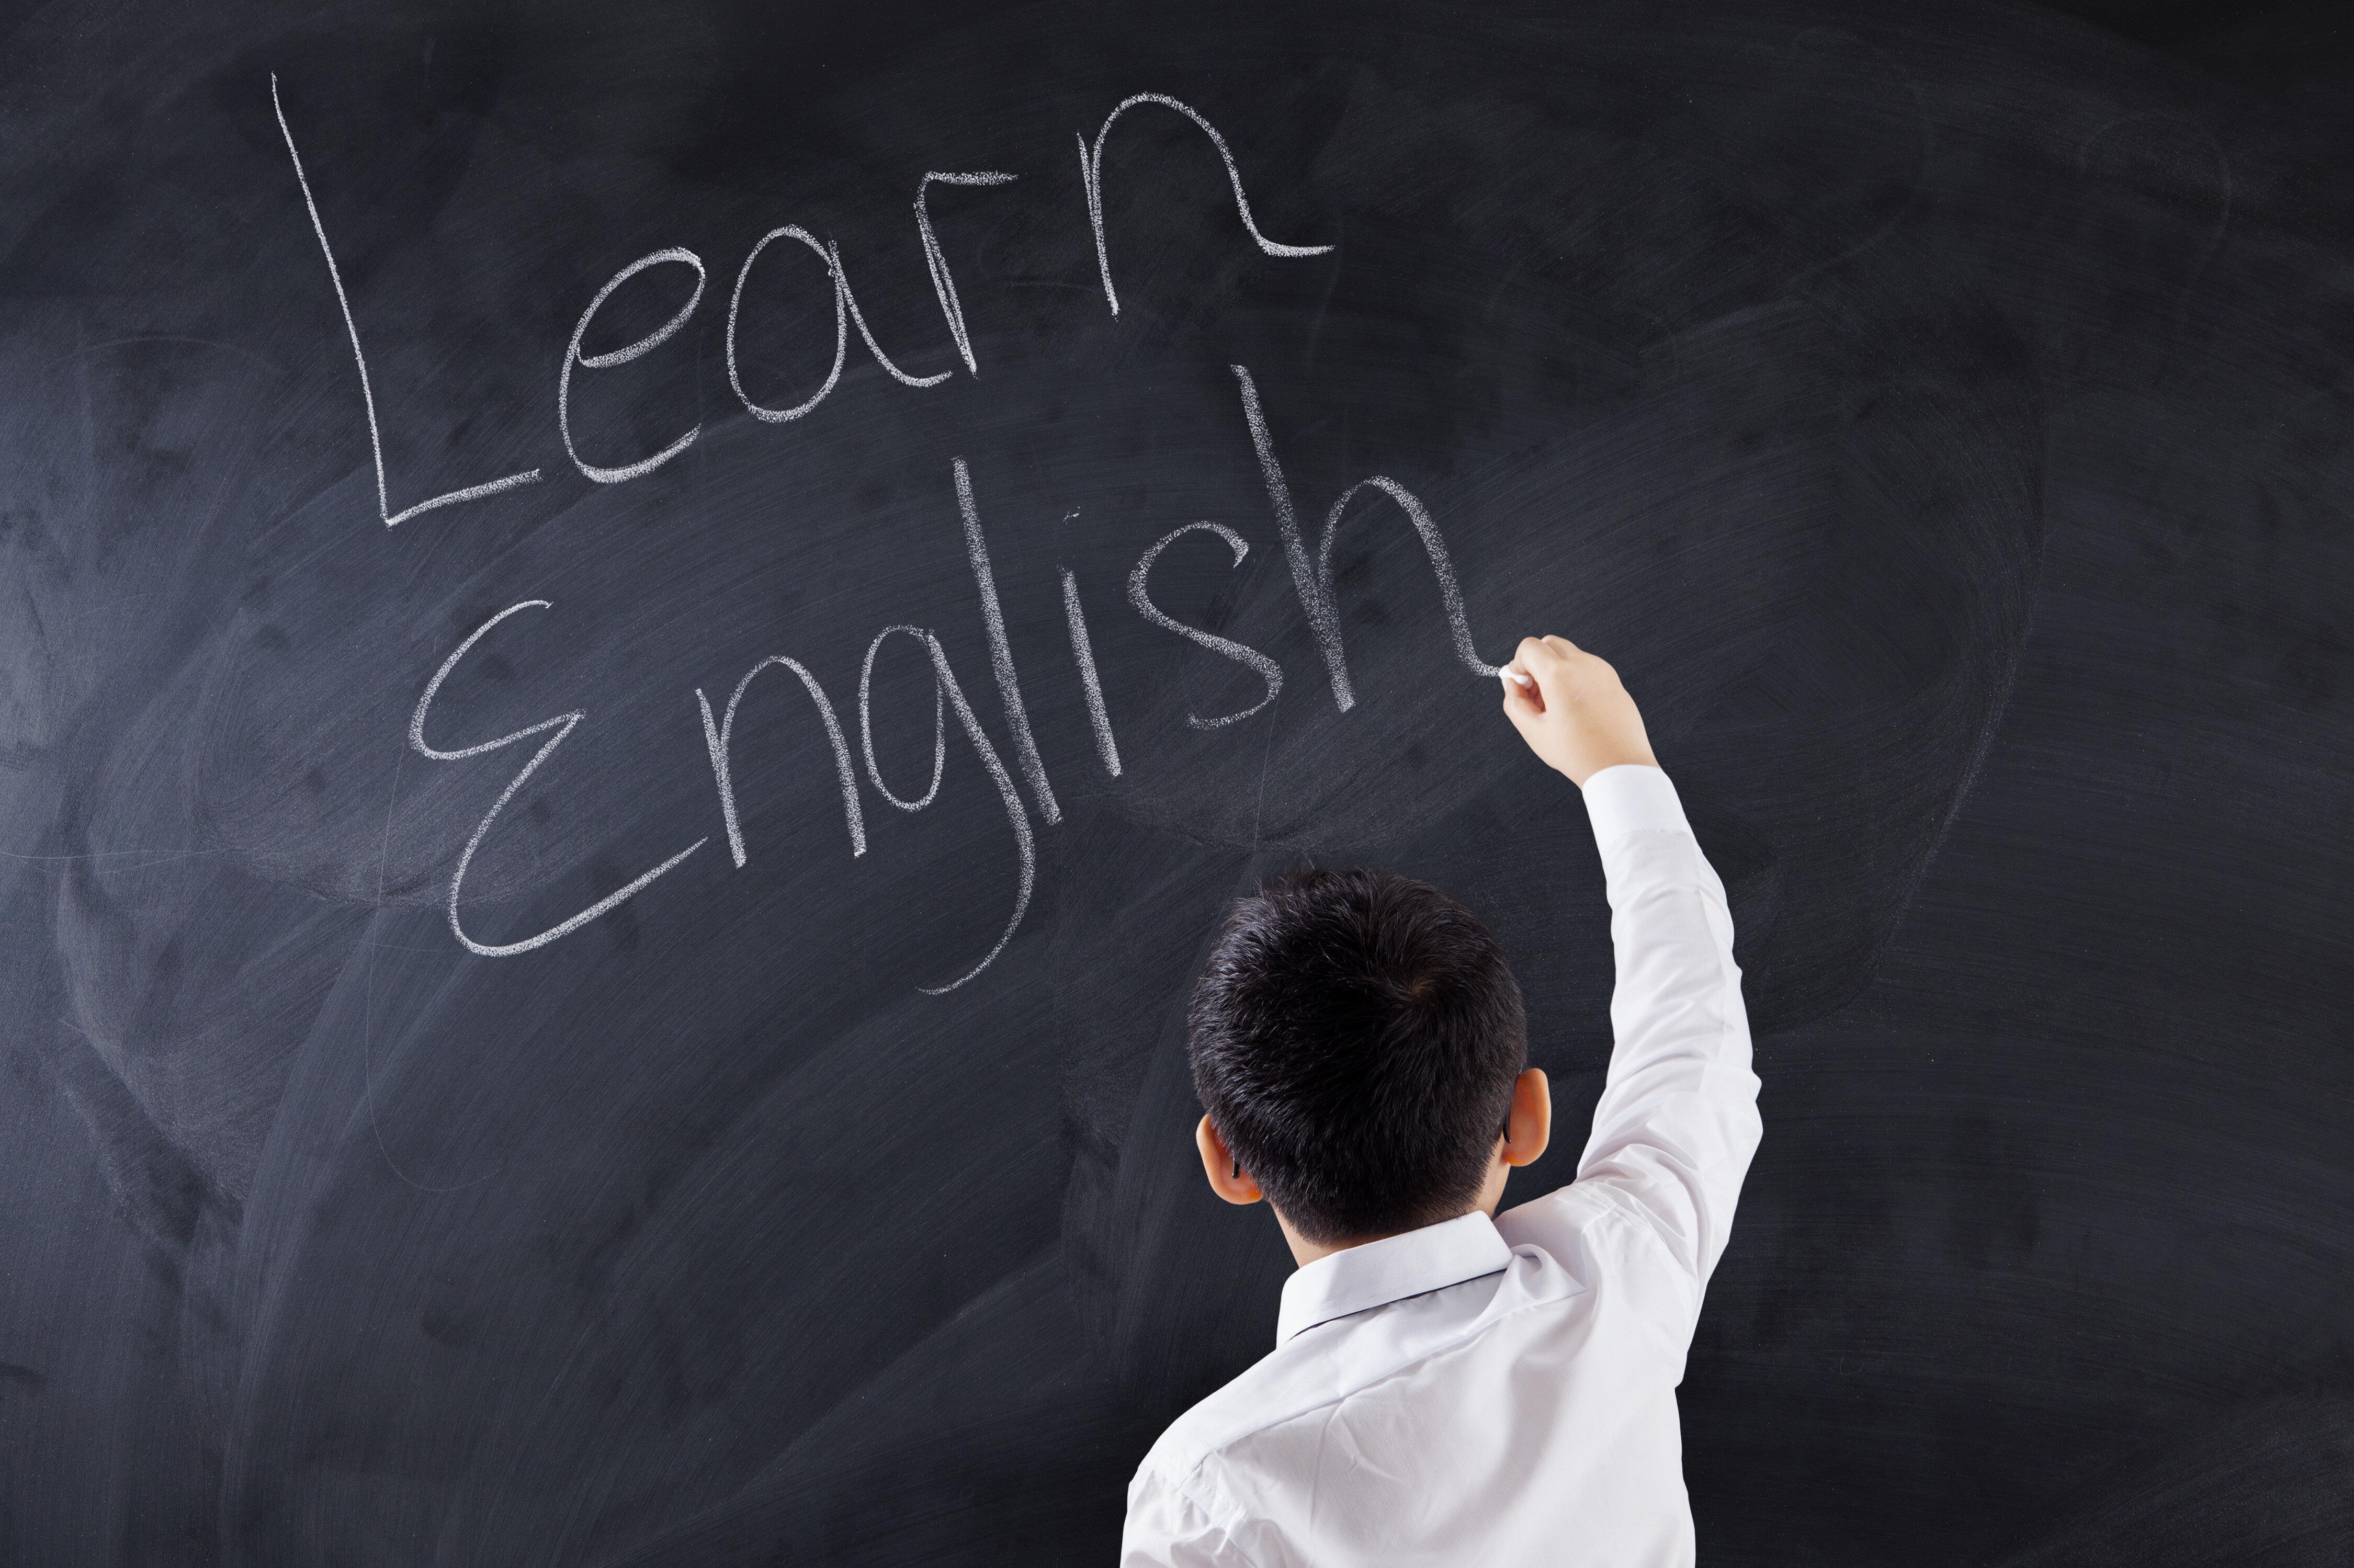 Fotoğraf: Arşiv / İngilizce başta olmak üzere farklı dilleri öğrenmenin zor olmadığını Yenisafak.com'a anlattı.